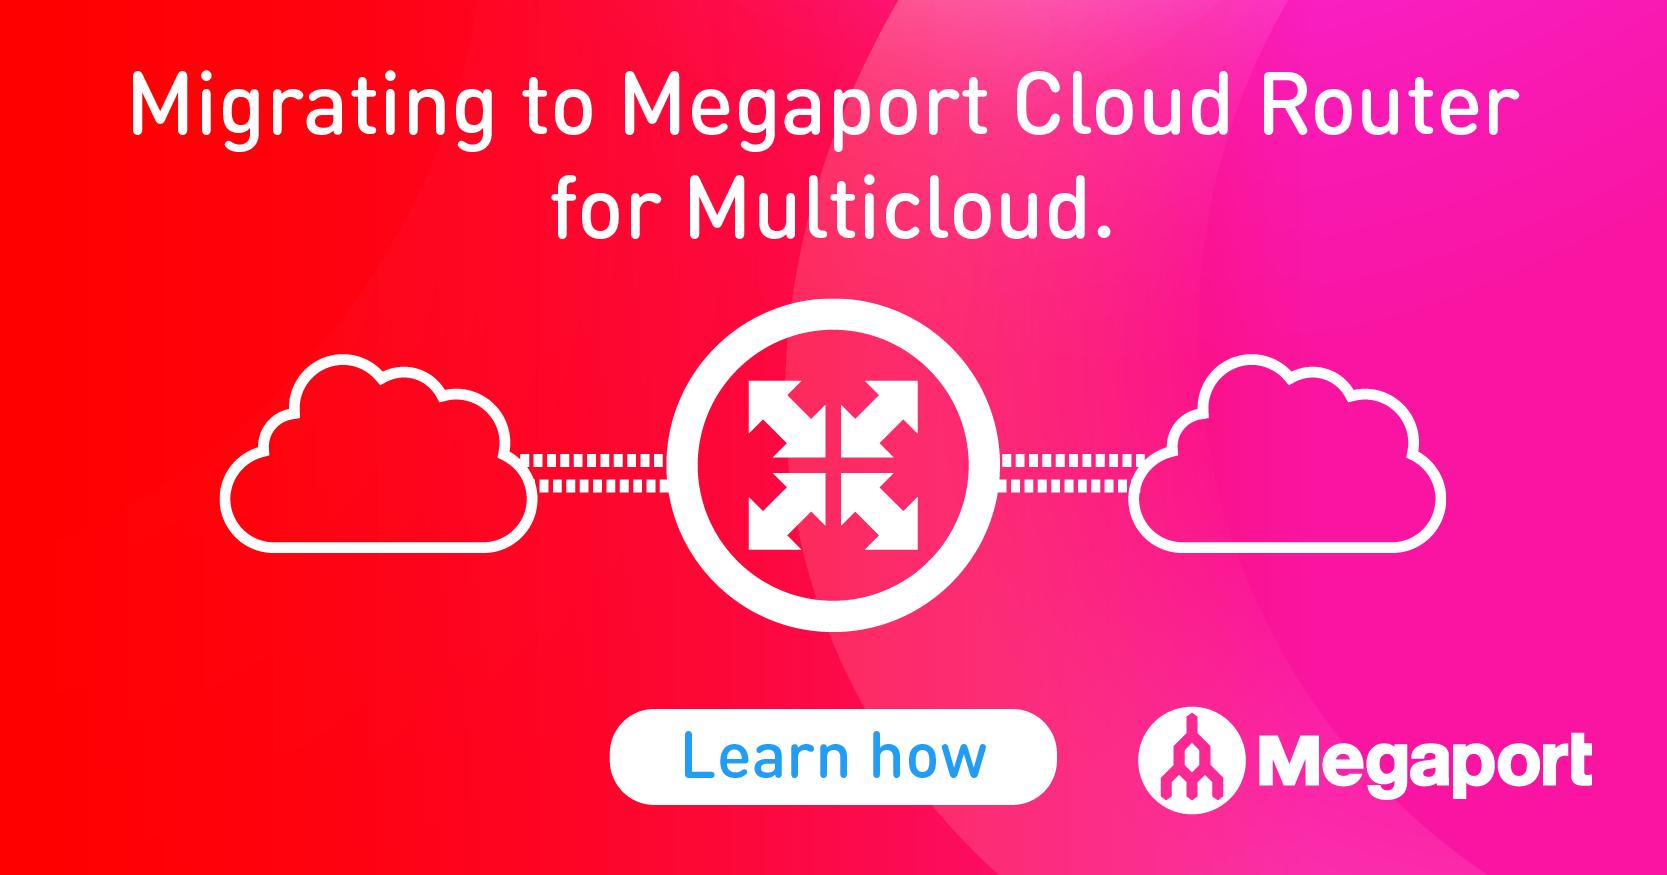 Megaport Cloud Router Multicloud